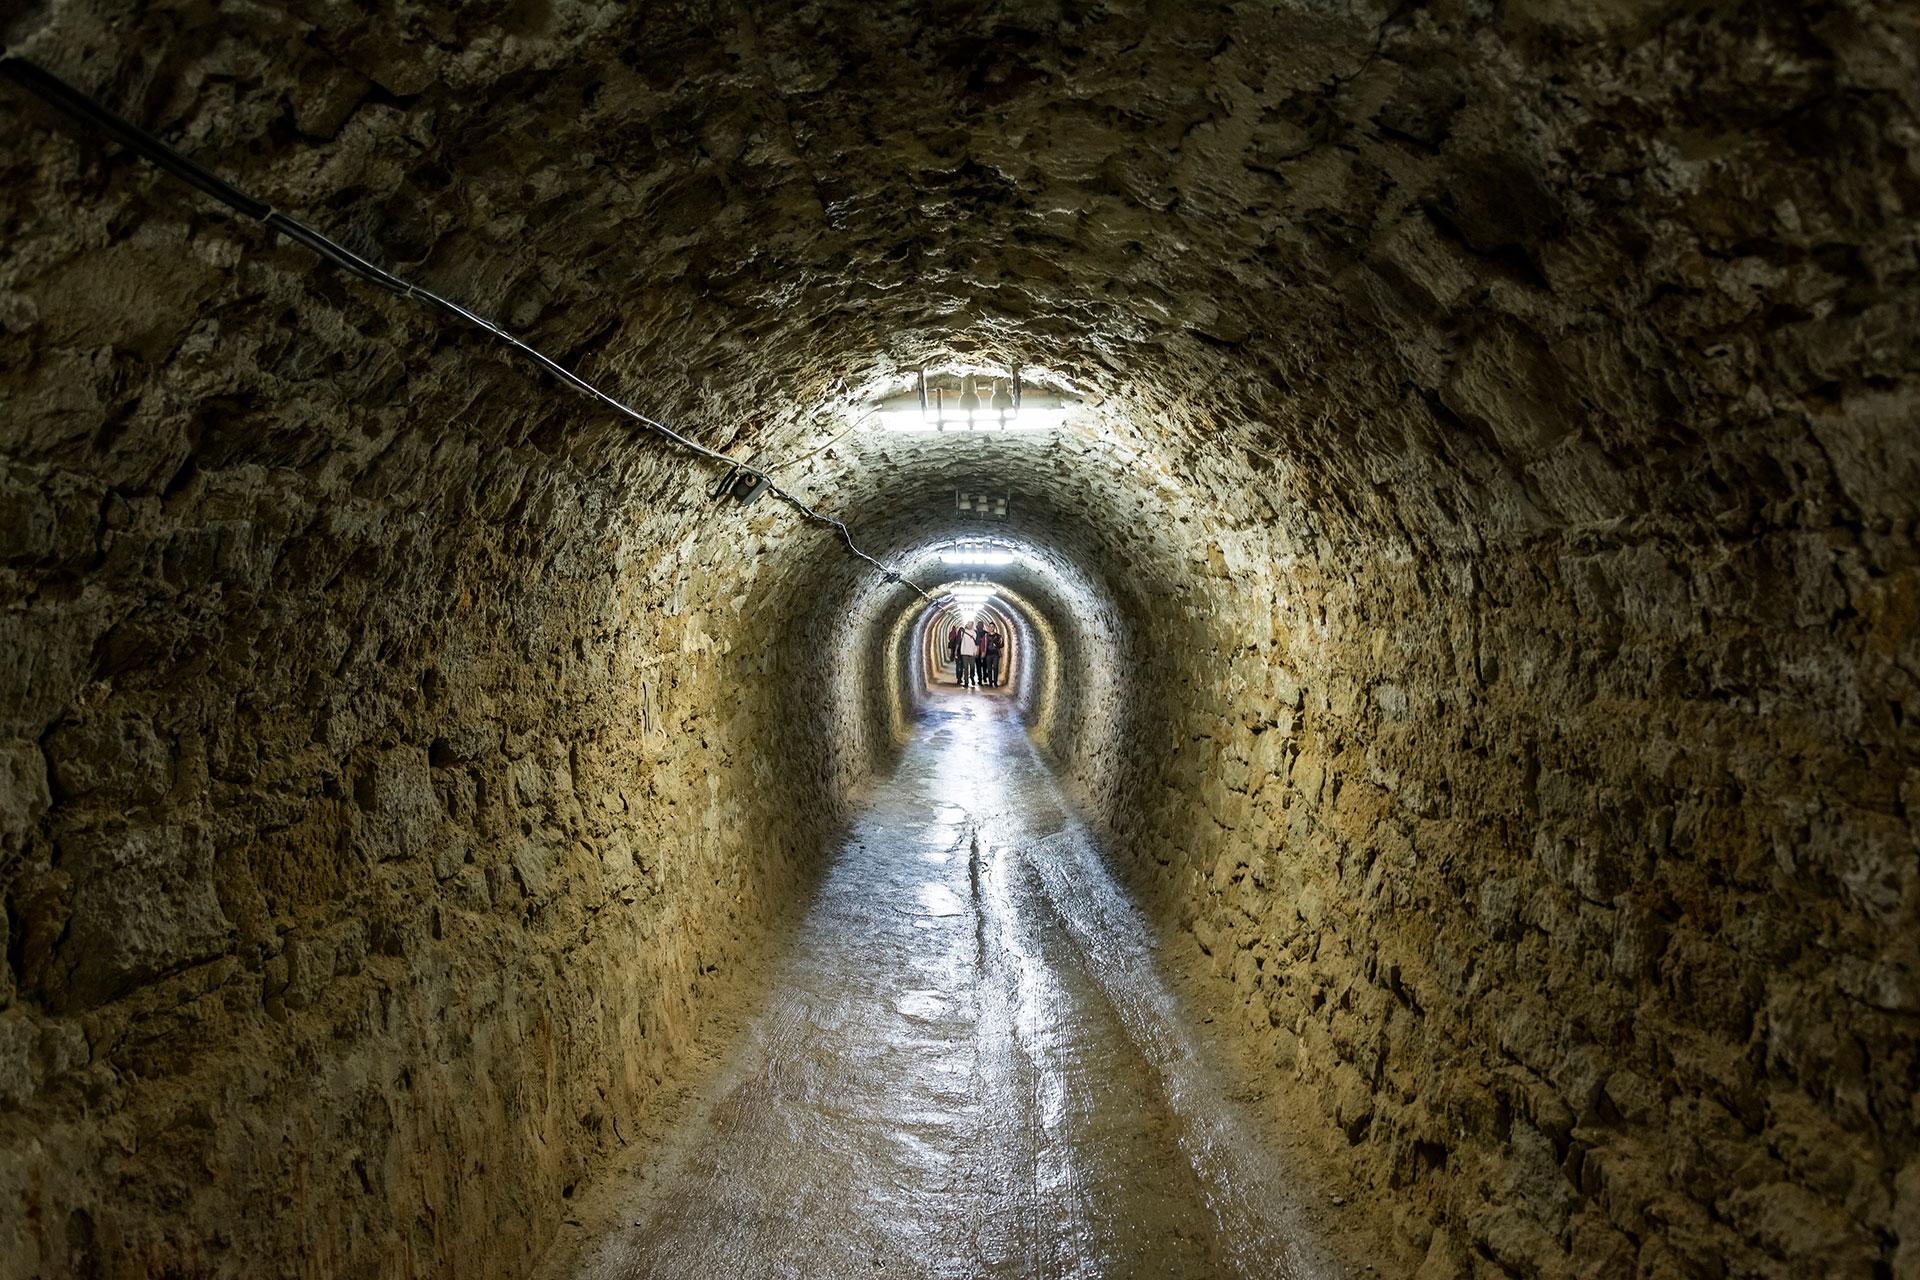 La enorme mina ahora ha recibido un cambio de imagen alucinante, transformándose en un parque temático futurista a más de 100 metros bajo tierra